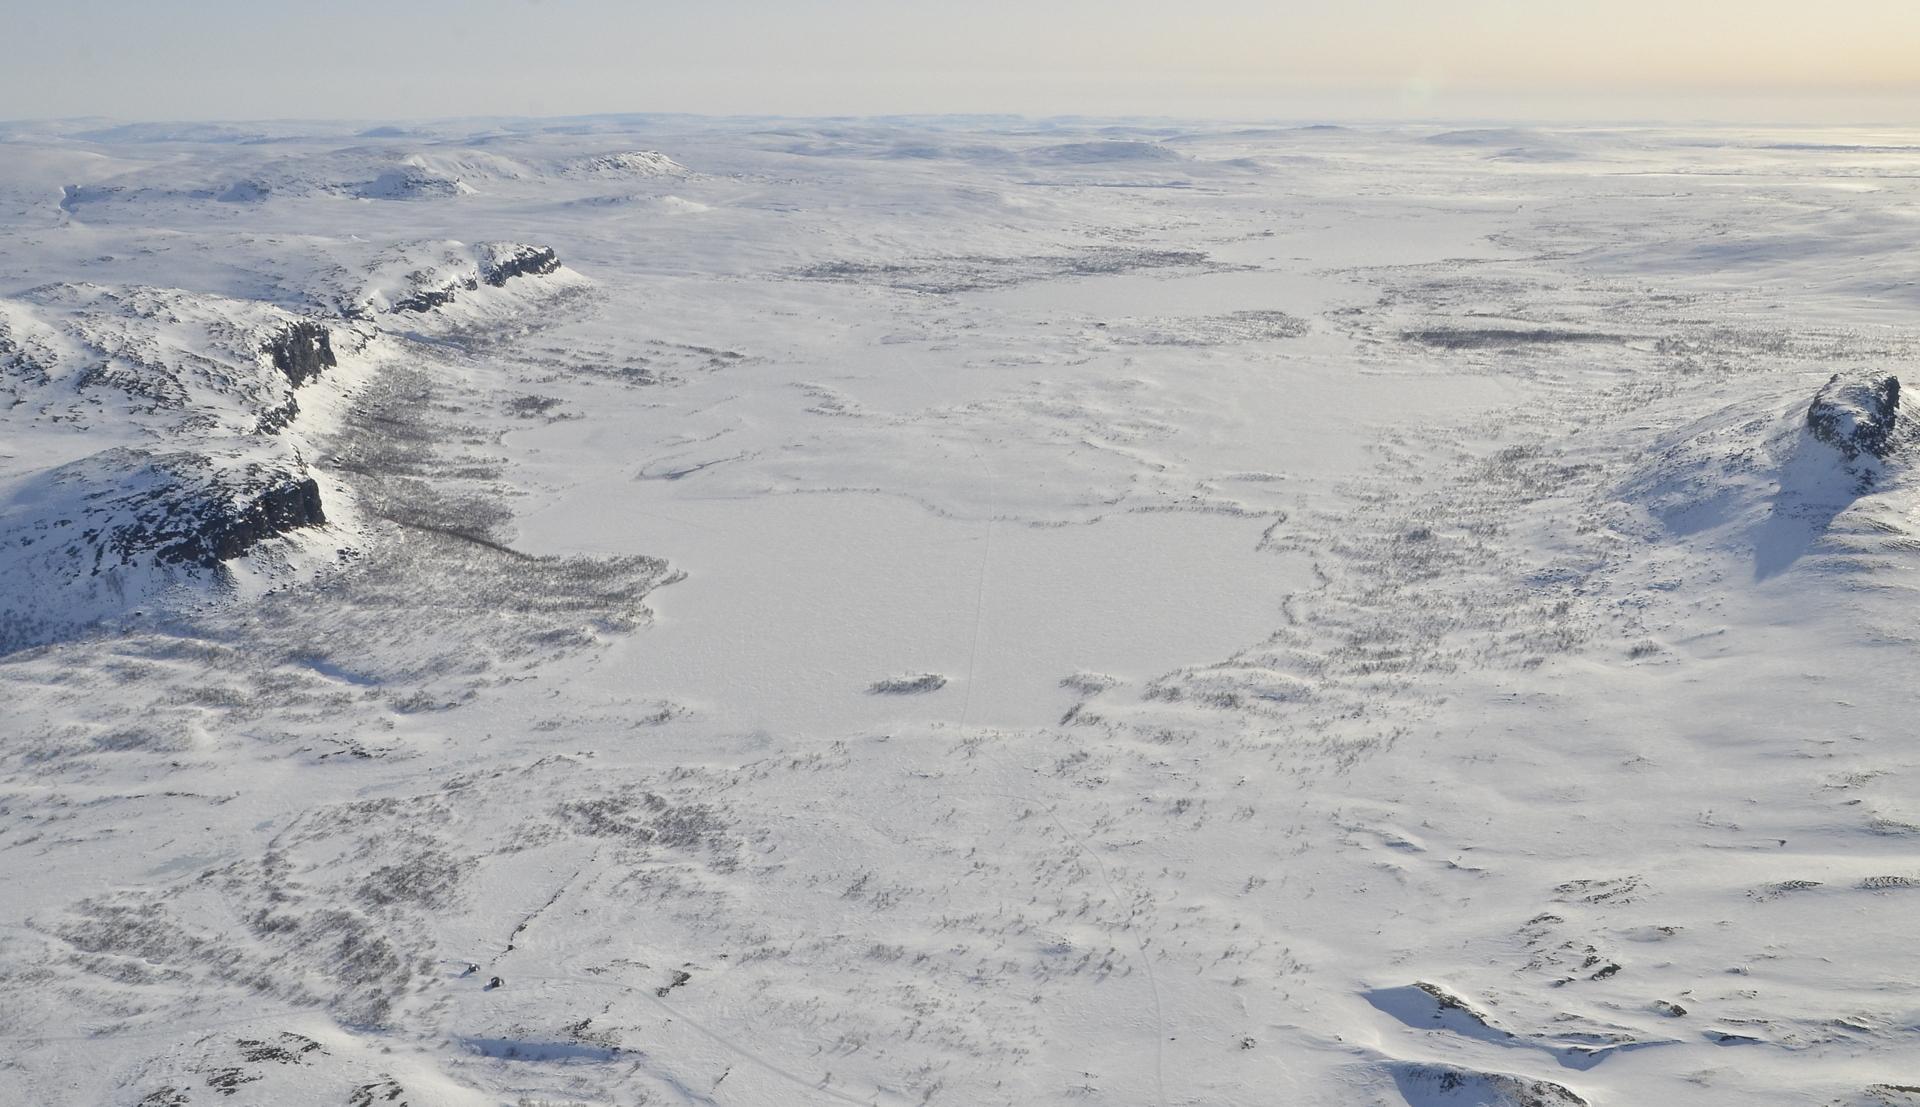 Järviä toisensa perään, kaukaisuudessa Norjan vuoria ja tuntureita.